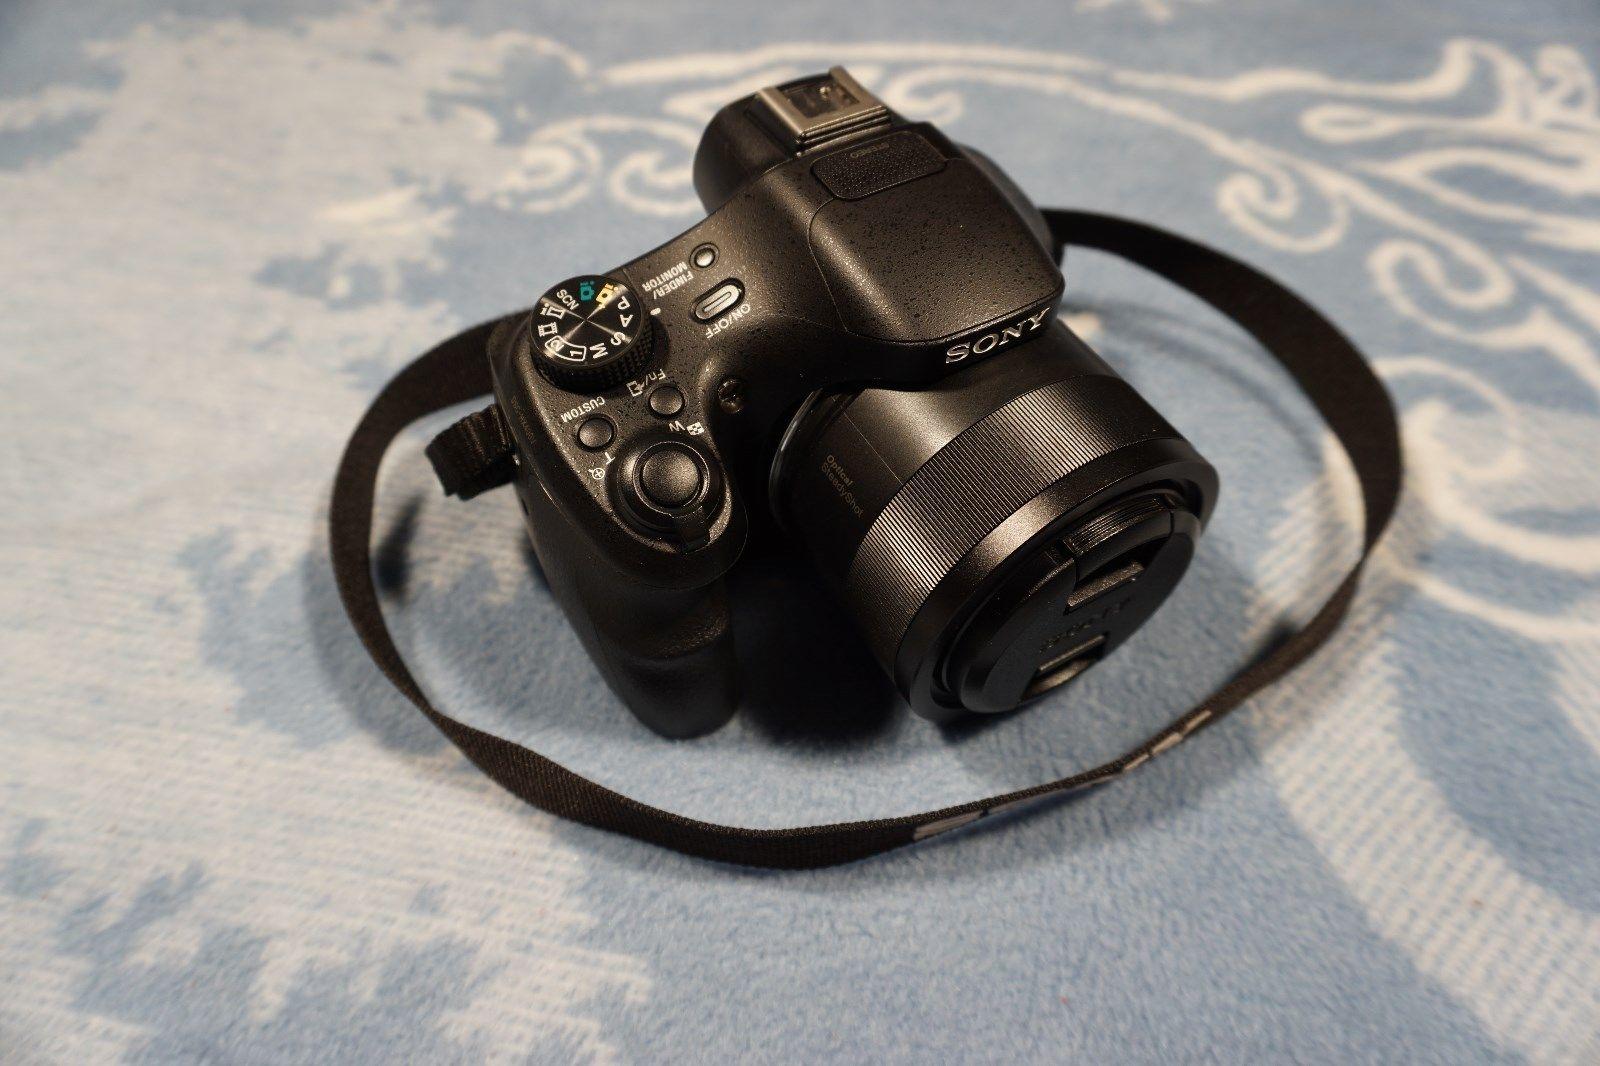 Sony Cyber-shot DSC-HX400V 20.4 MP Digitalkamera - Schwarz